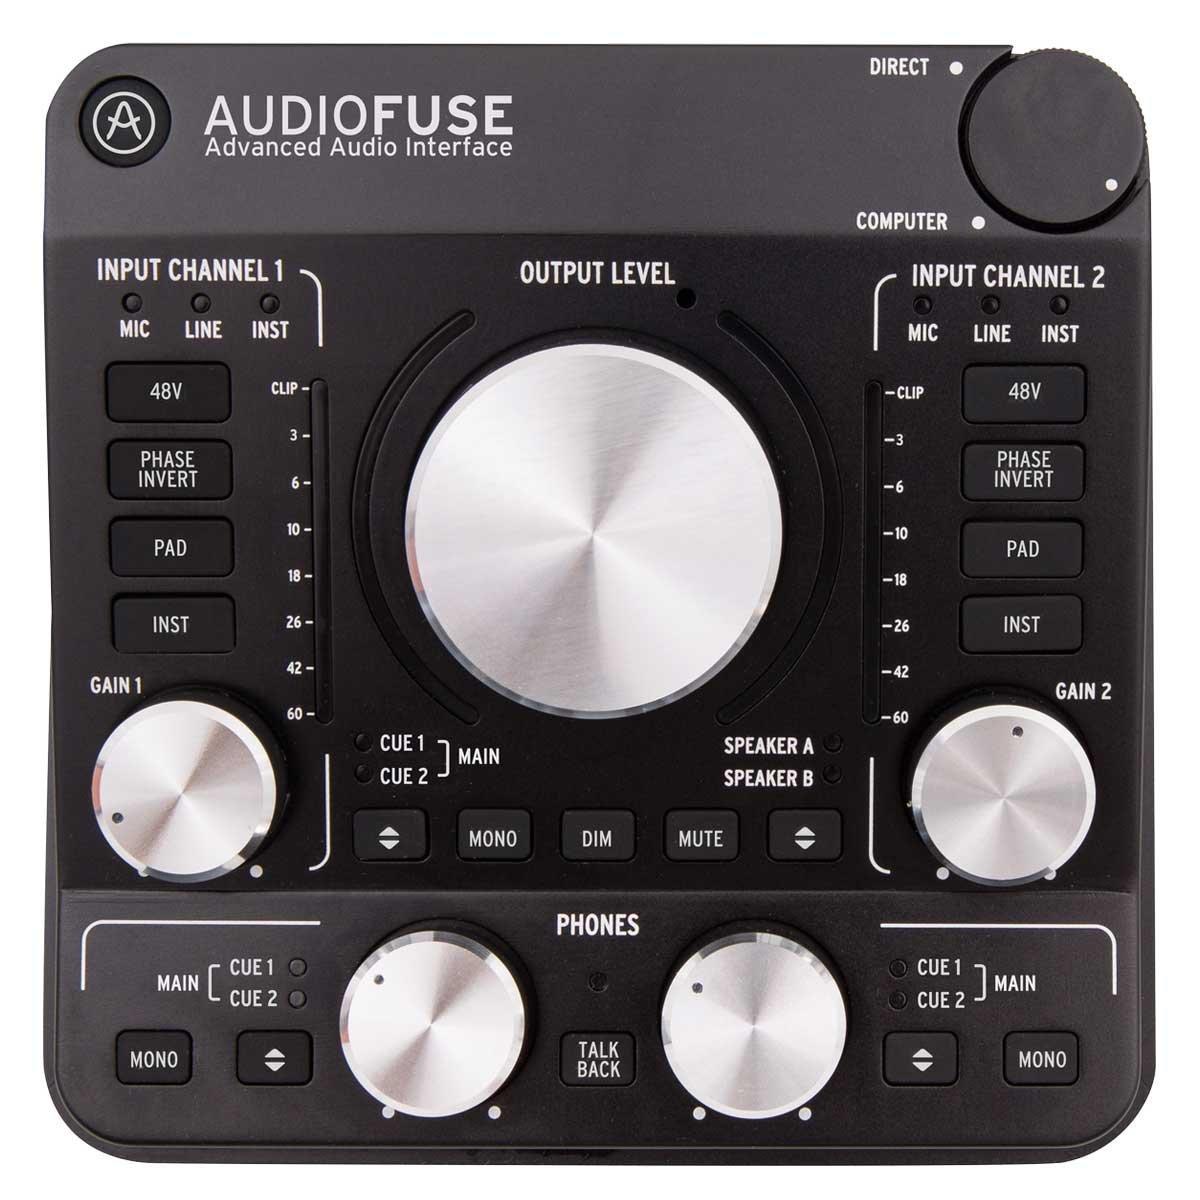 【楽ギフ_包装】 Arturia AudioFuse AudioFuse Arturia DeepBlack <アートリア オーディオフューズ>【RECOMMEND:三条本店STAGE DeepBlack】【店頭受取対応商品】, あいちけん:6e236c8e --- clftranspo.dominiotemporario.com